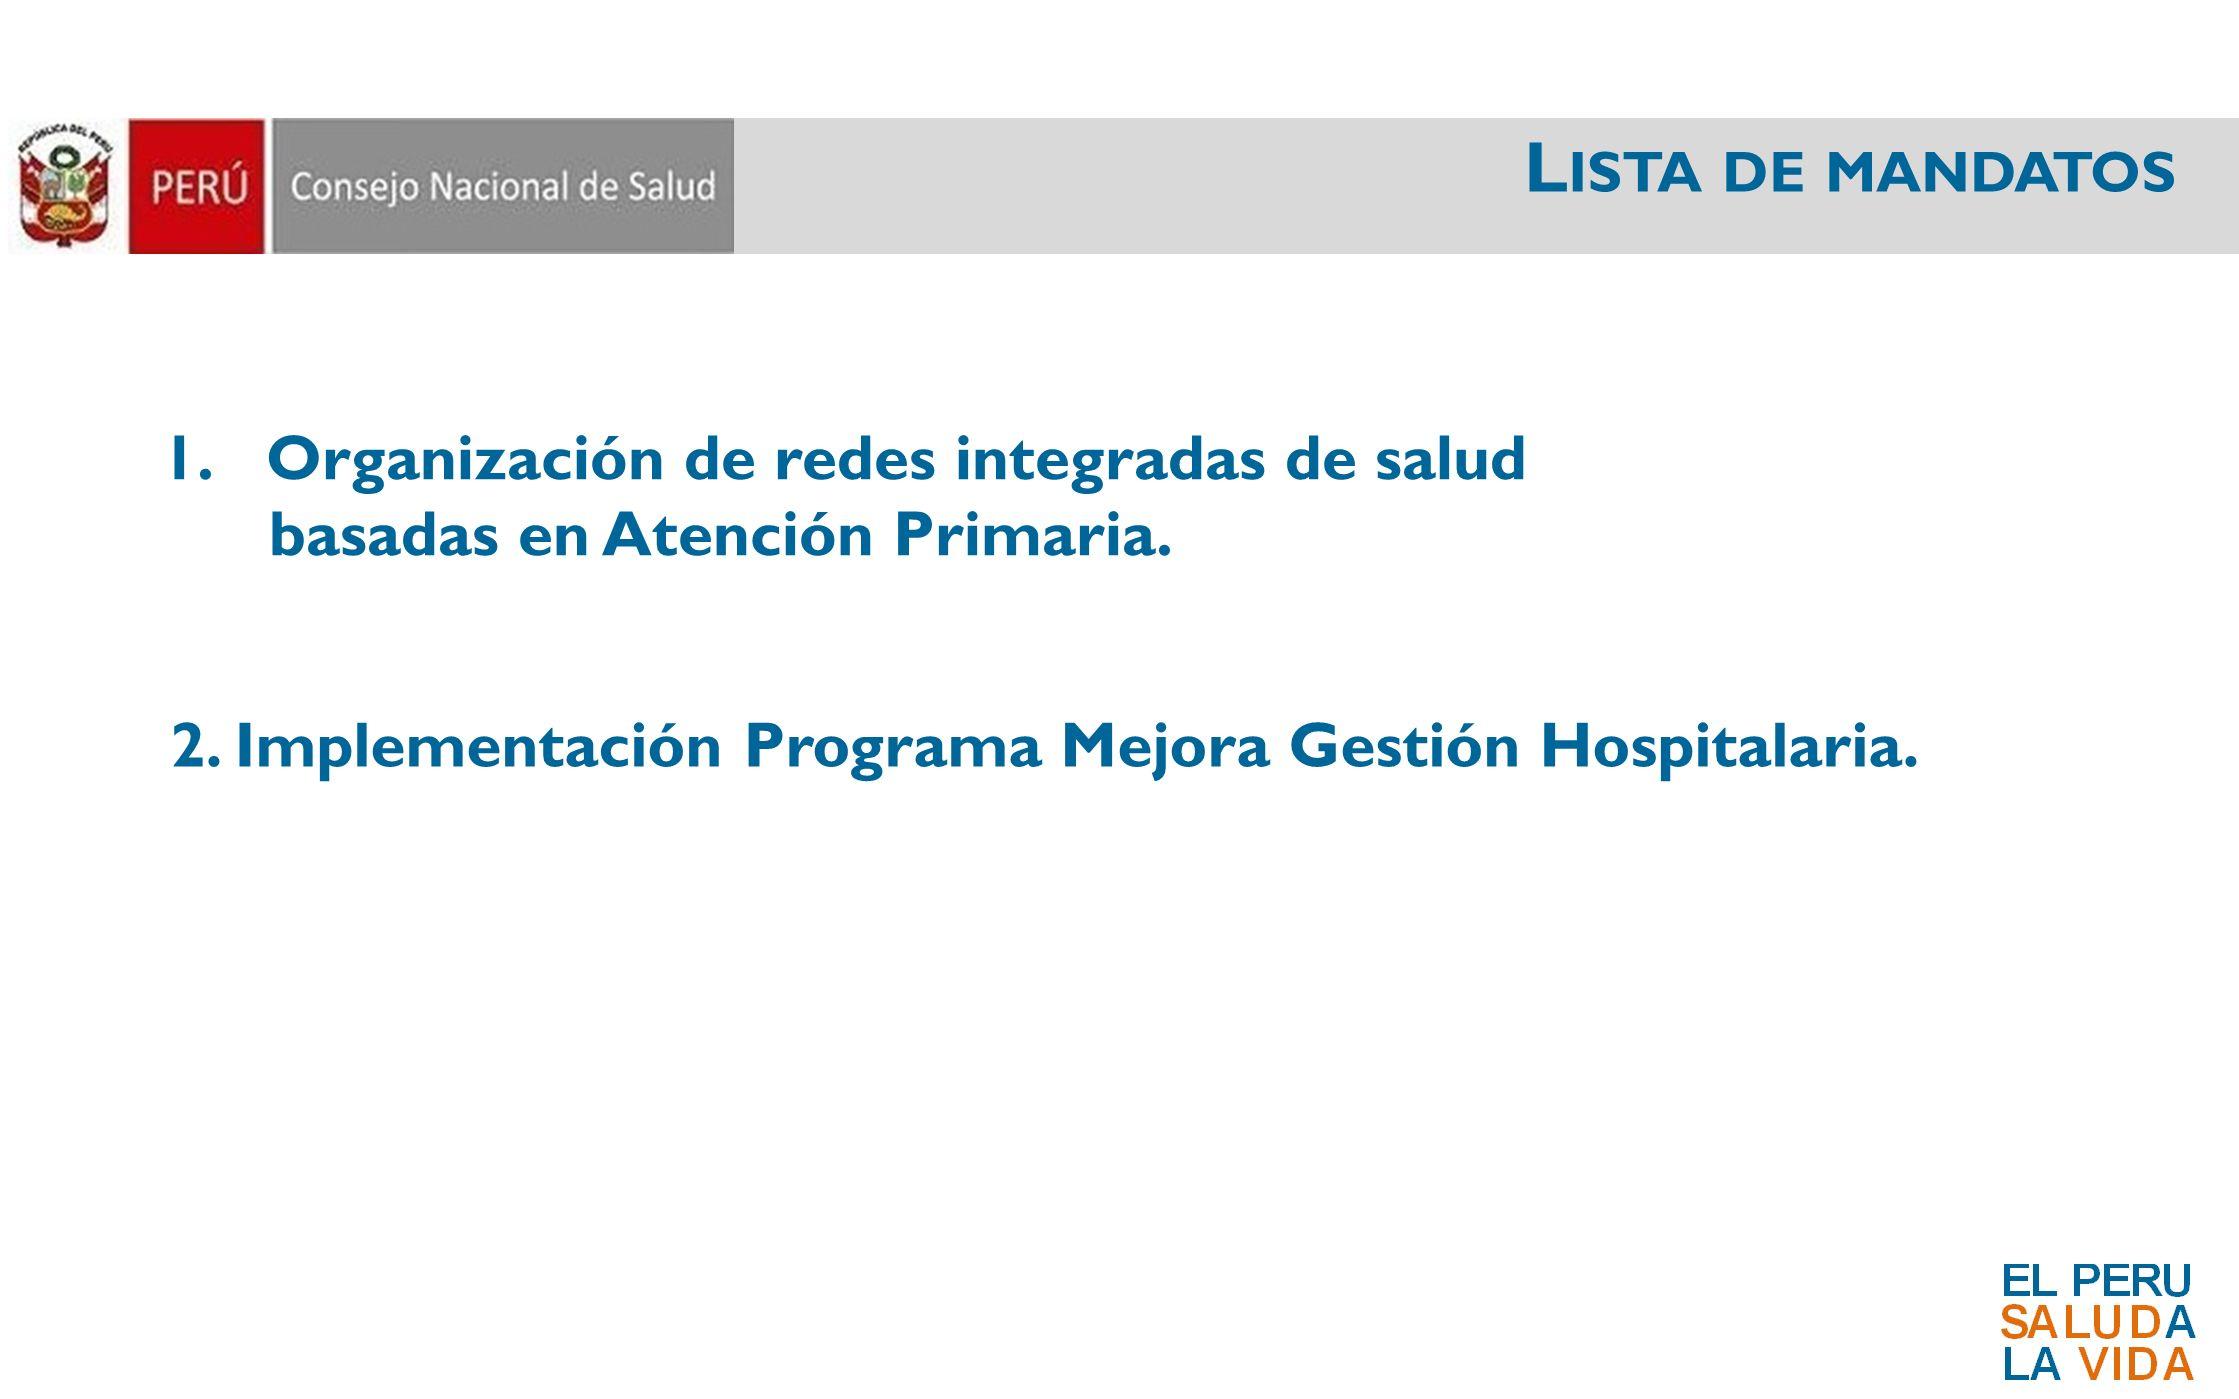 L ISTA DE MANDATOS 1.Organización de redes integradas de salud basadas en Atención Primaria. 2. Implementación Programa Mejora Gestión Hospitalaria.